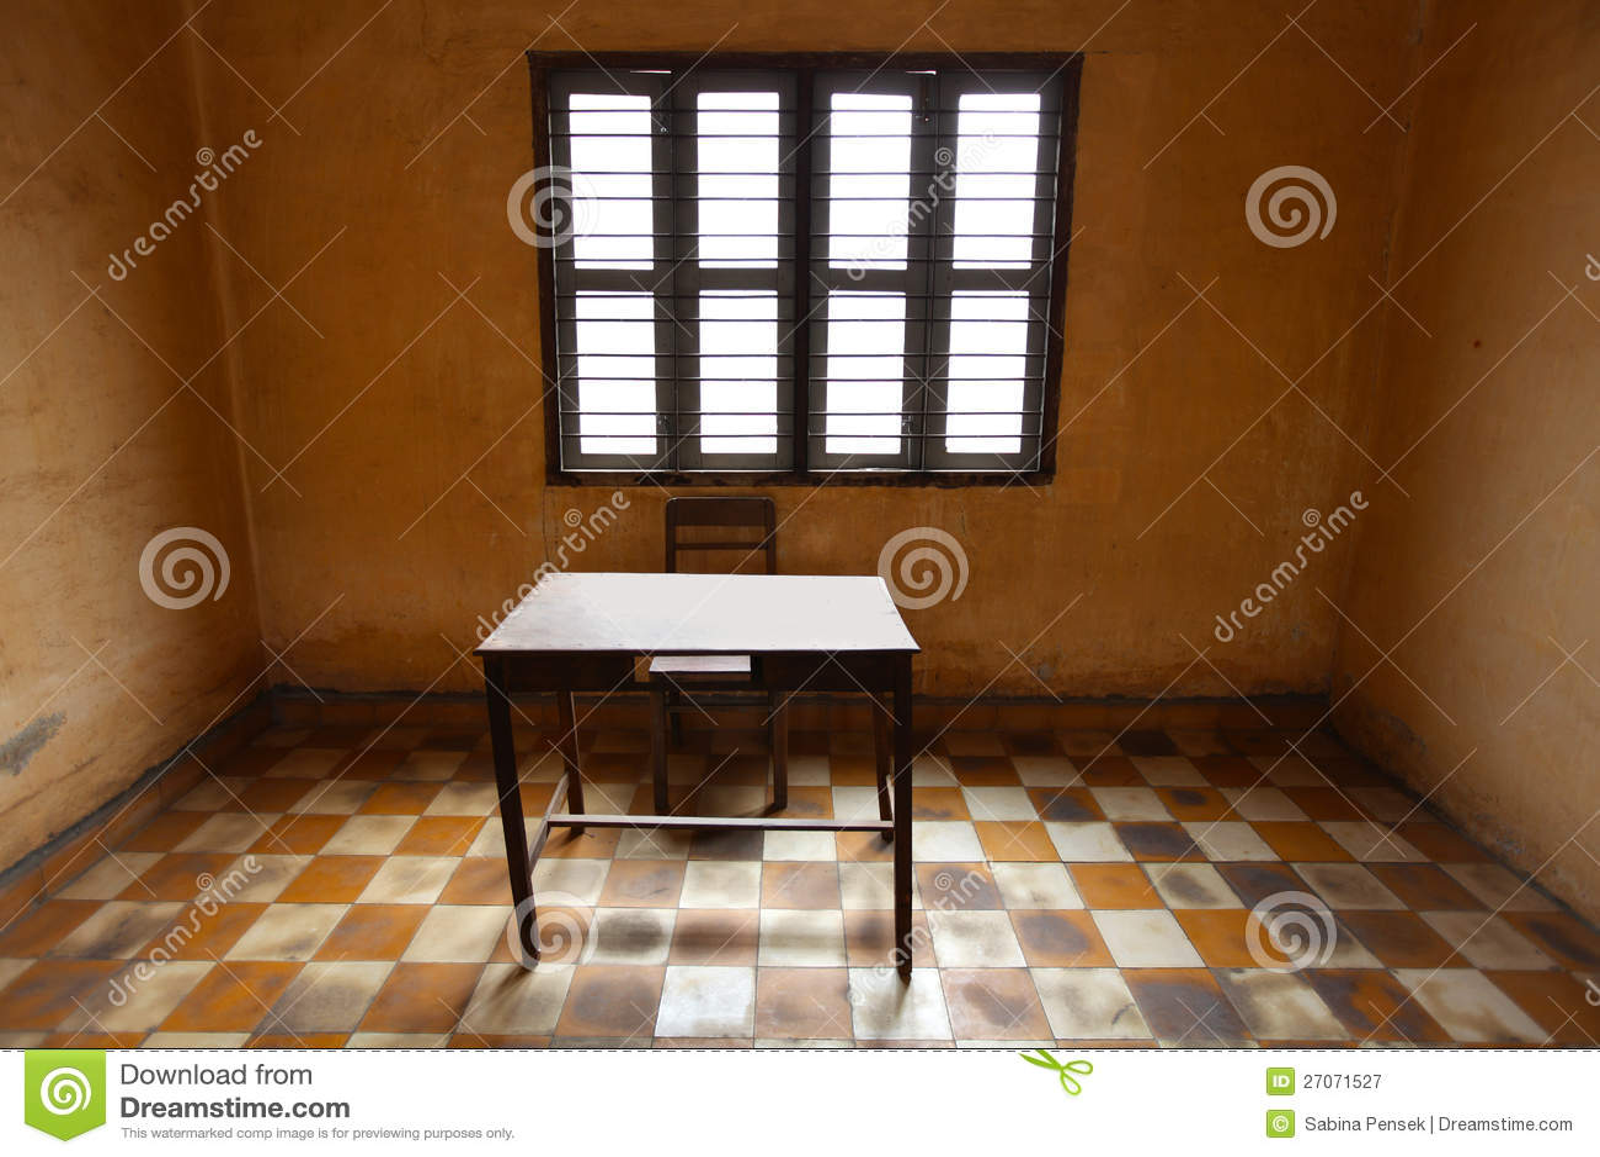 raum mit einer tabelle asketisch und alt mit fliesen. Black Bedroom Furniture Sets. Home Design Ideas